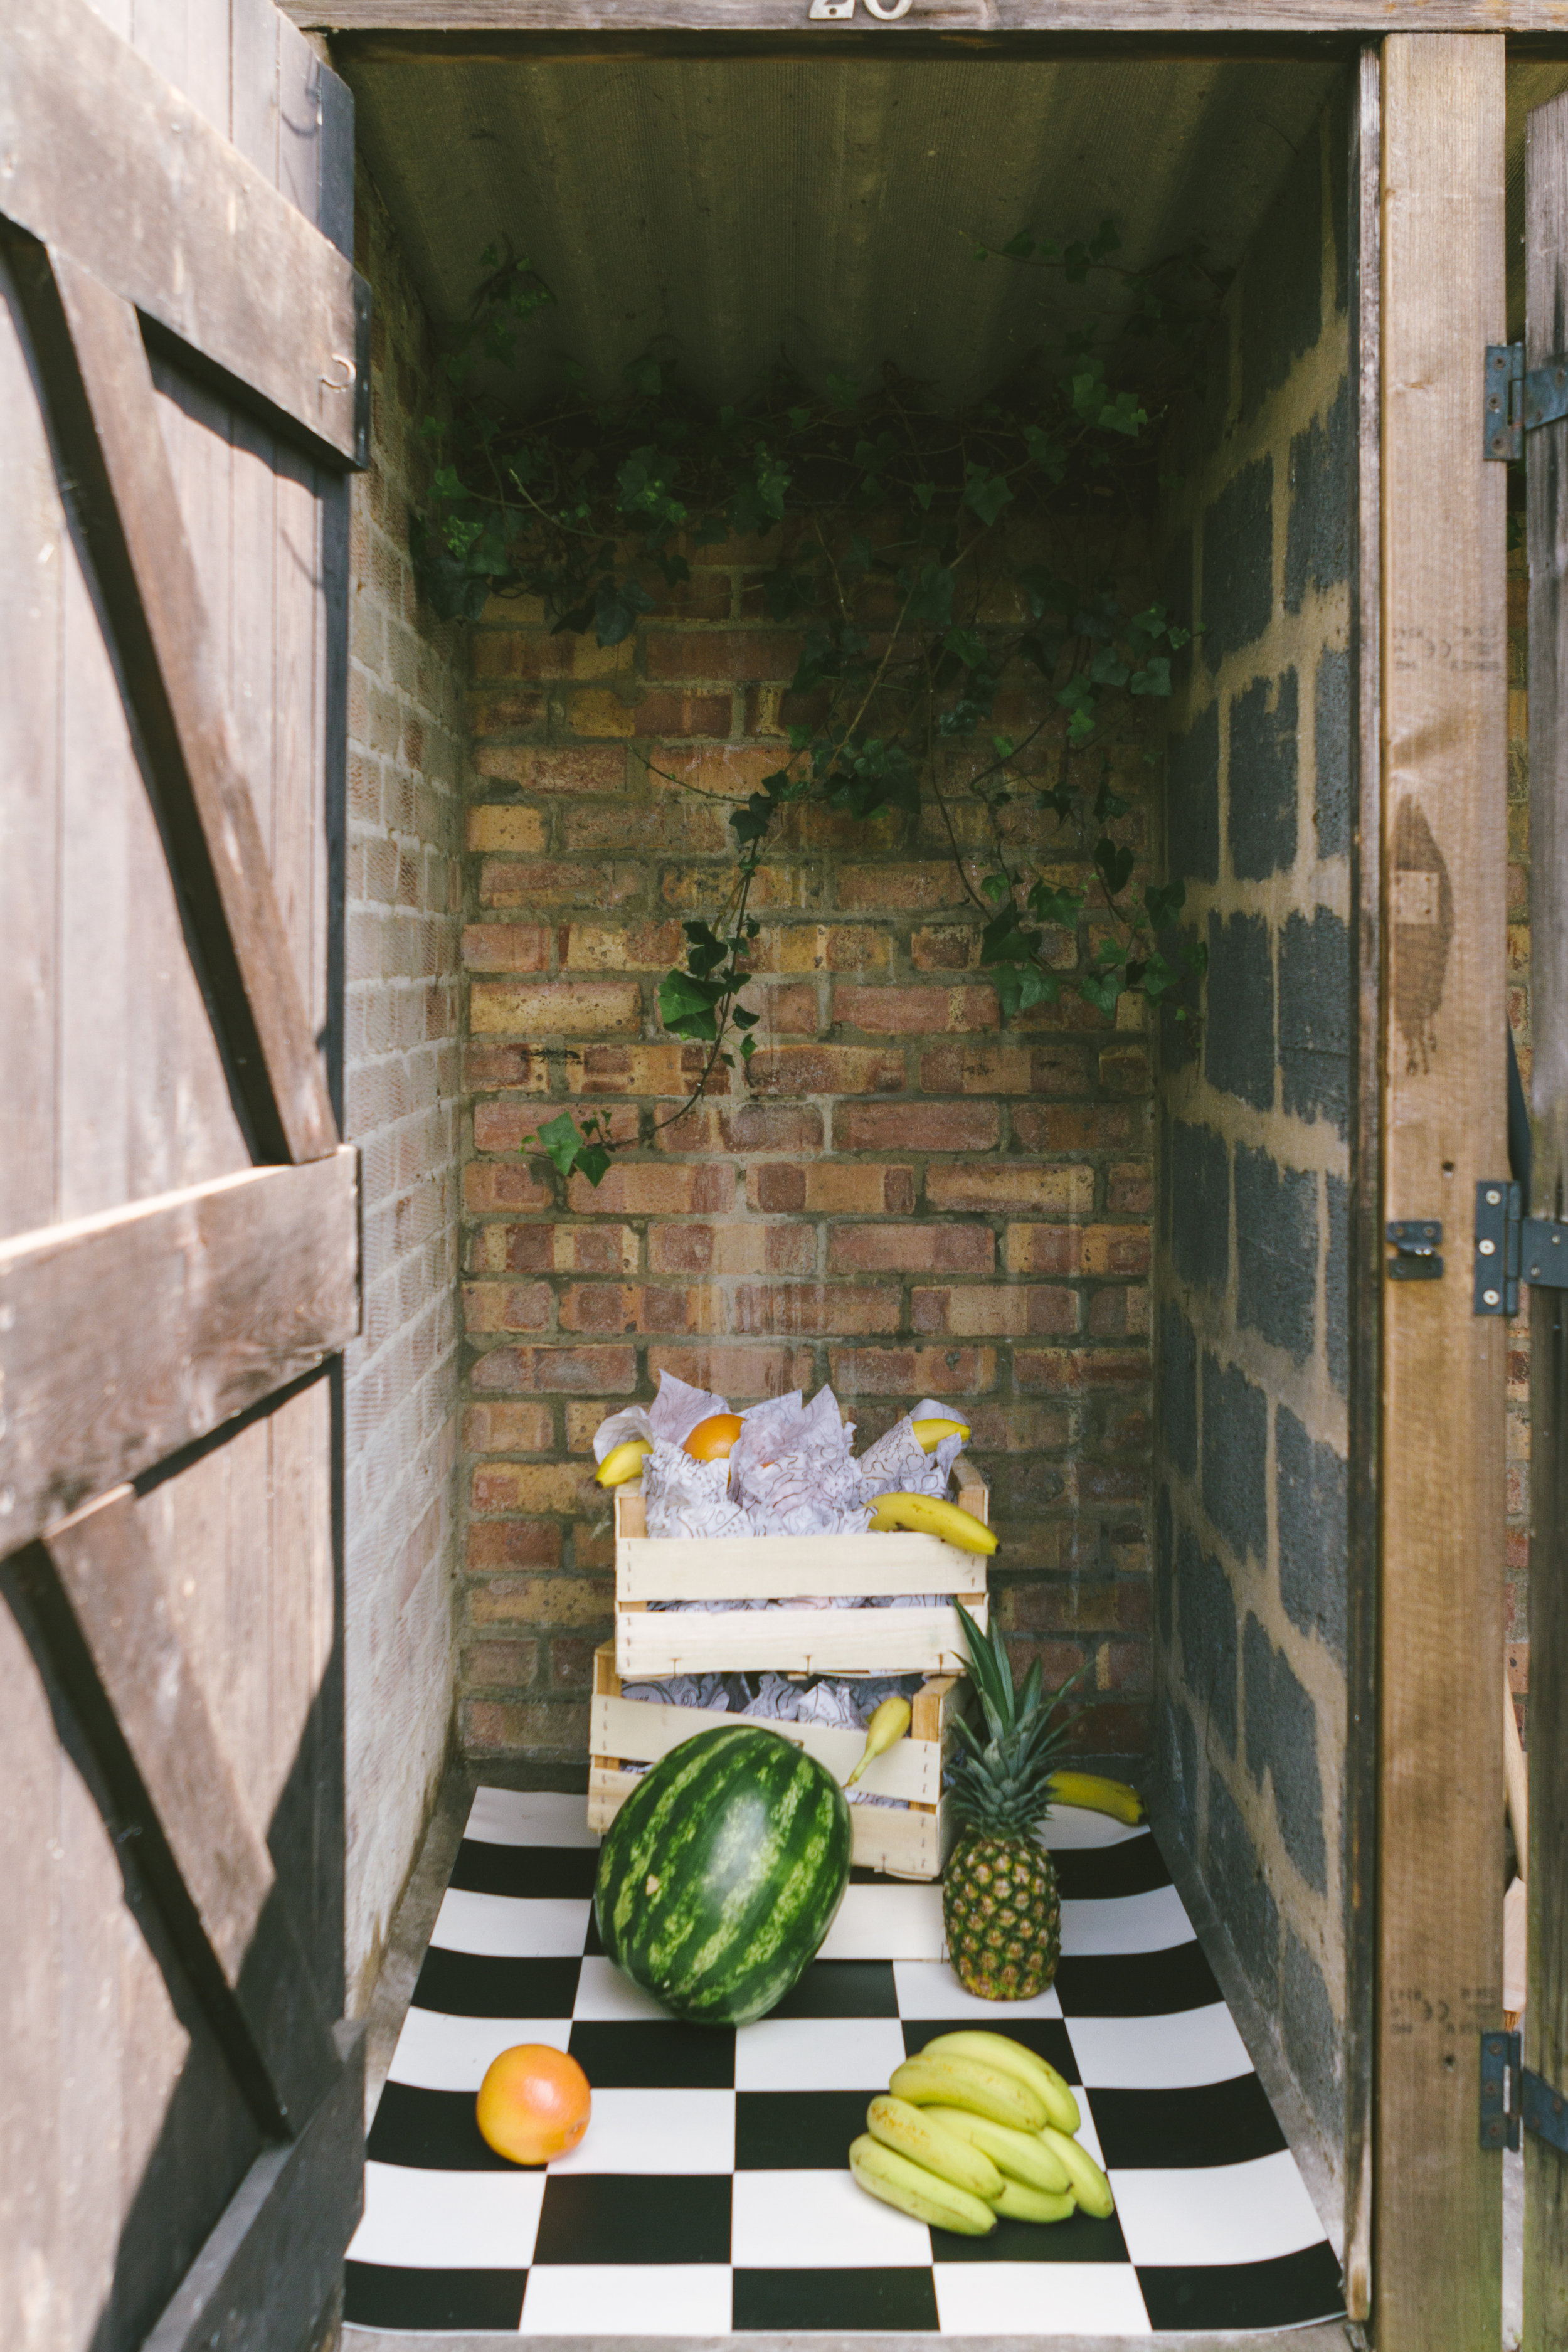 Frutas El En Jardin  2016, Sol Calero